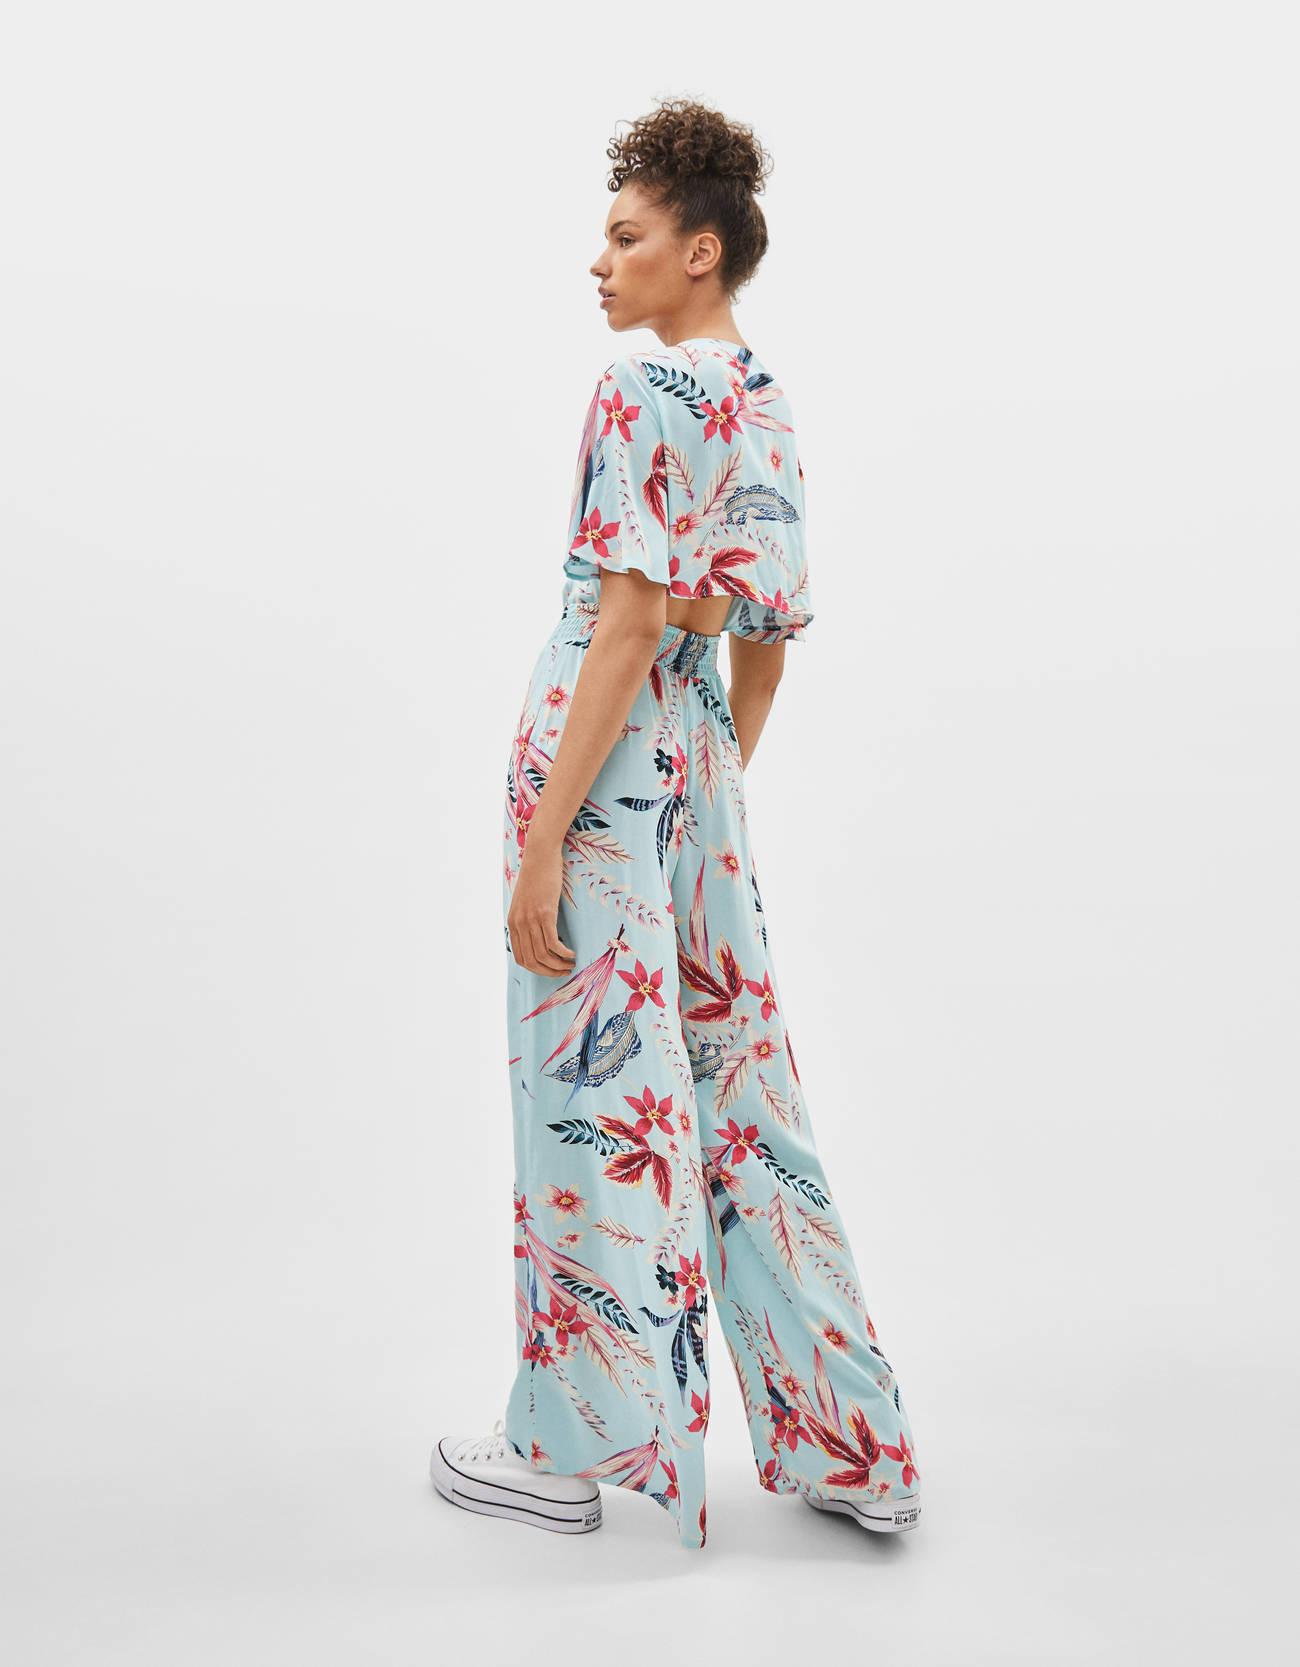 66d34a540982 Ολόσωμη φόρμα με λουλουδάτο σχέδιο · Ολόσωμη φόρμα με λουλουδάτο σχέδιο ...